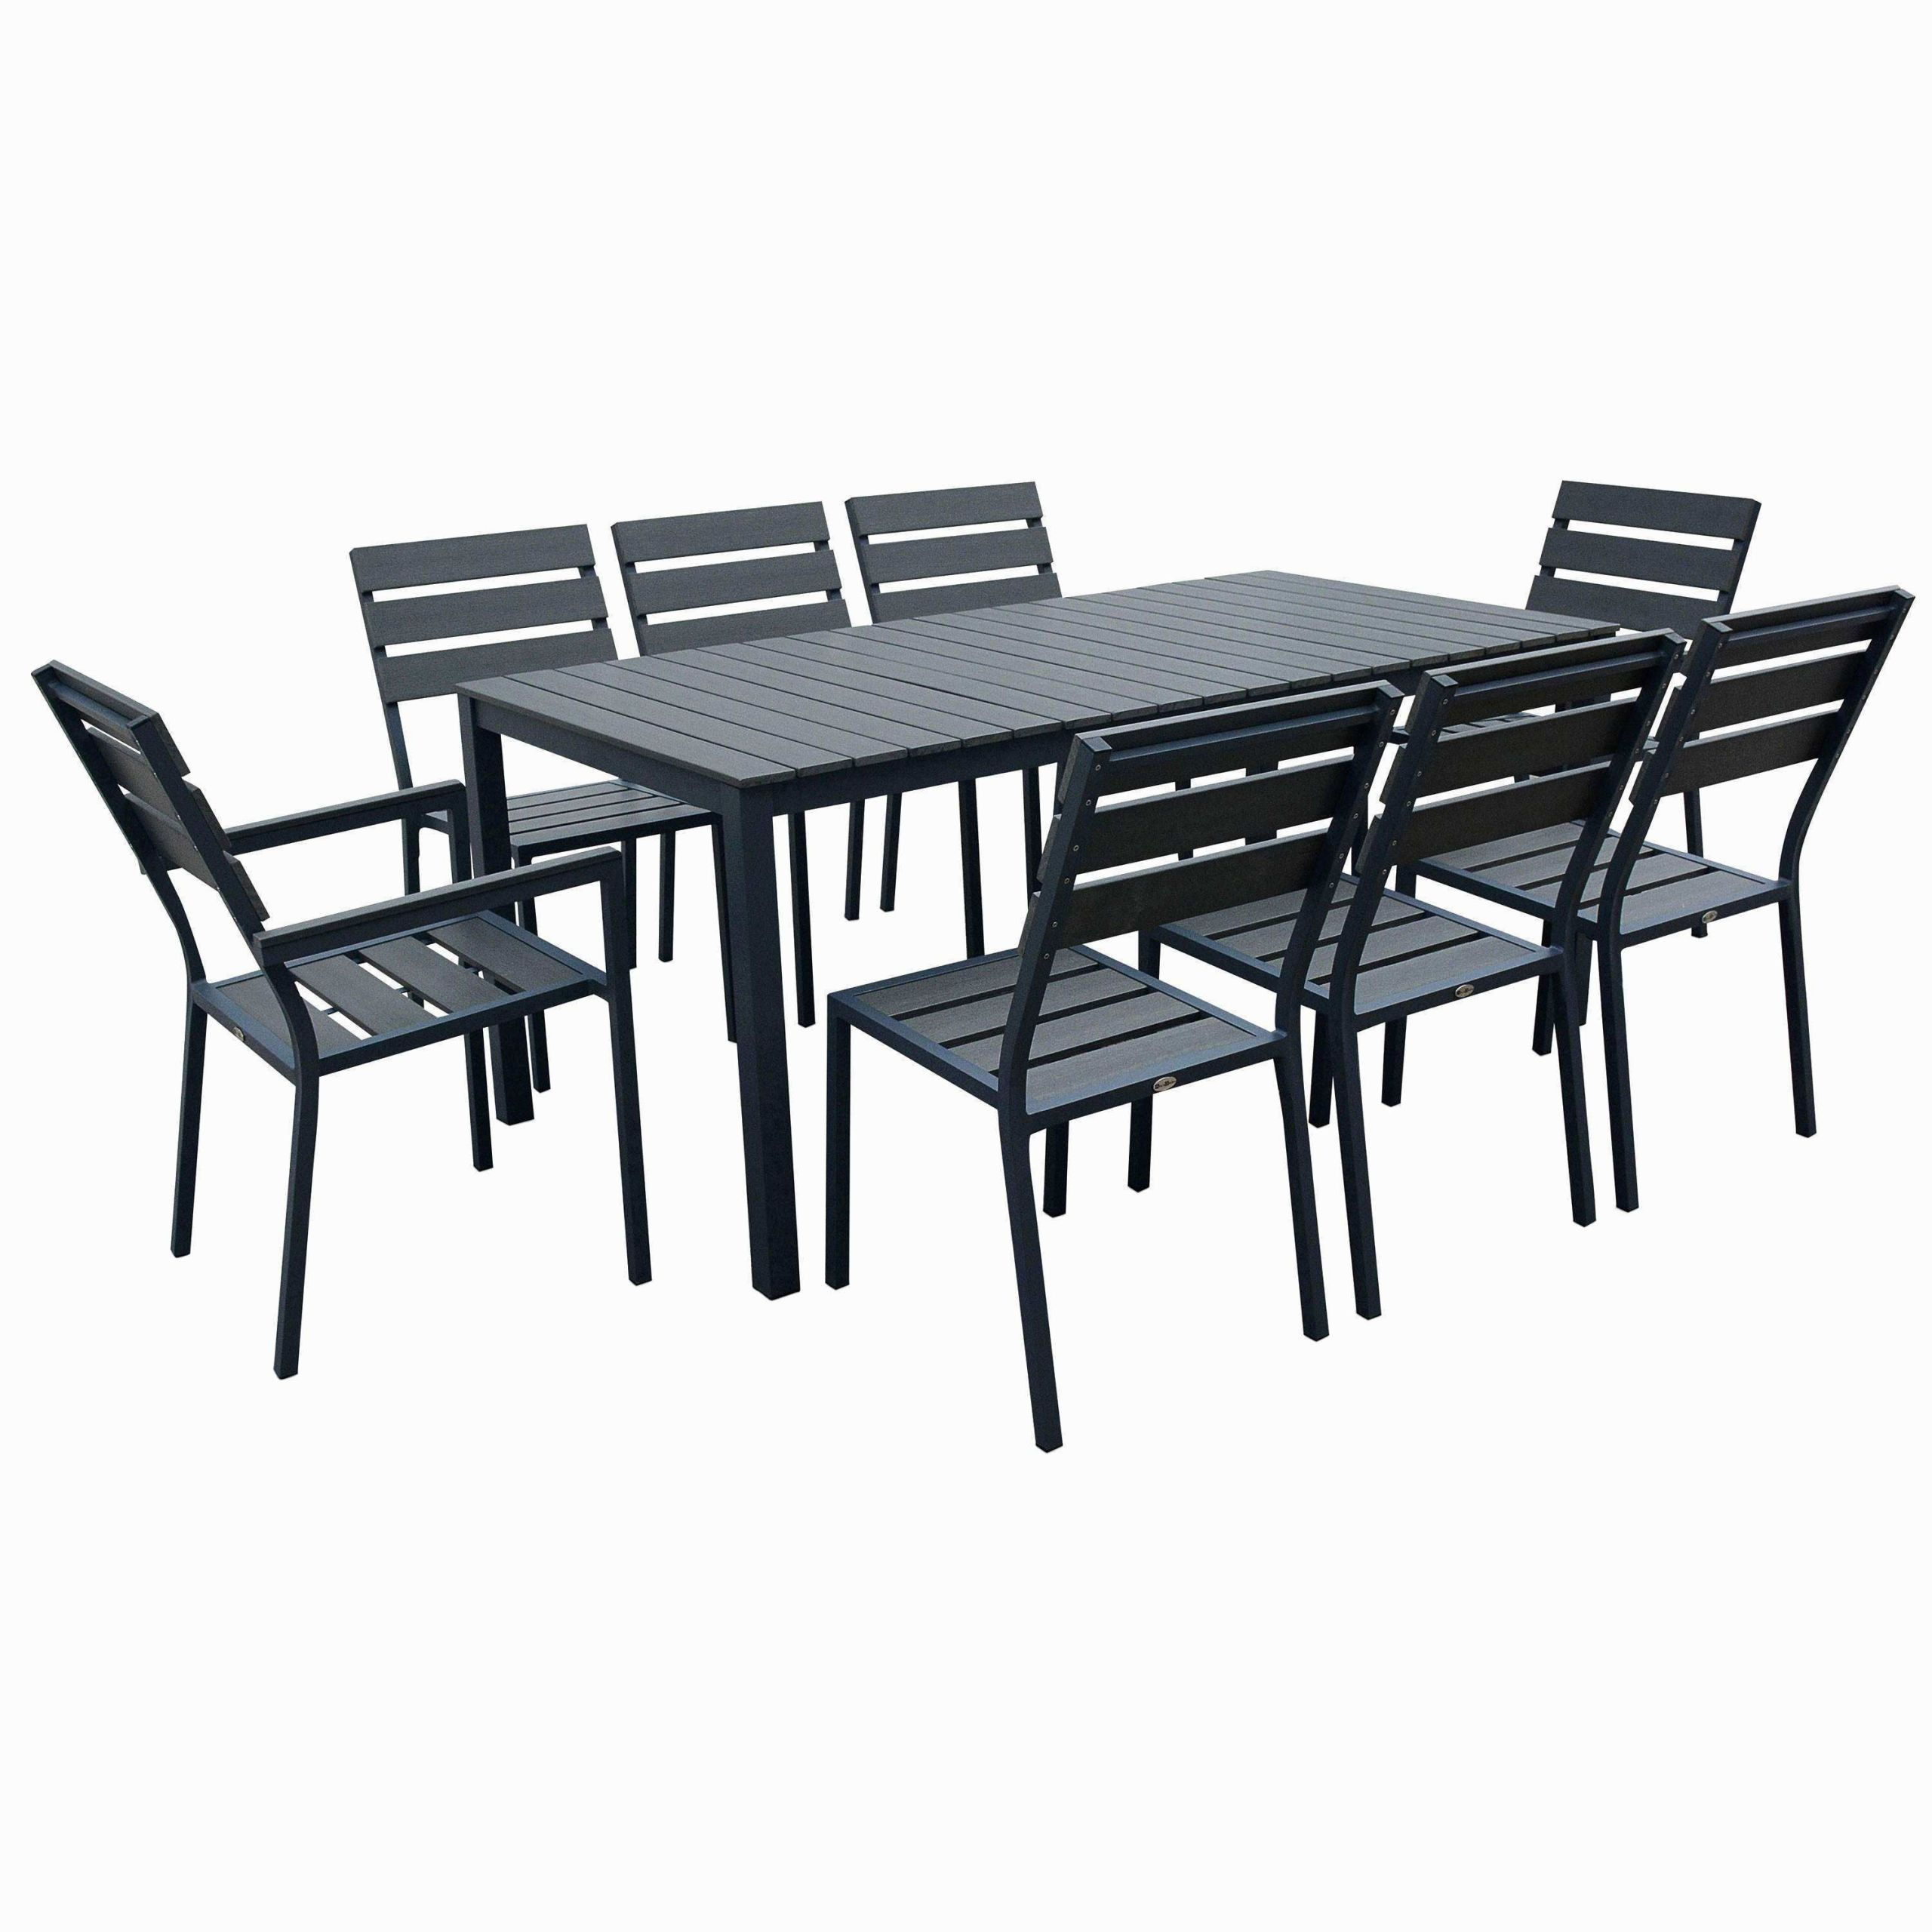 Table Chaise Terrasse Élégant Table Terrasse Pas Cher ... à Table Et Chaises De Jardin Pas Cher